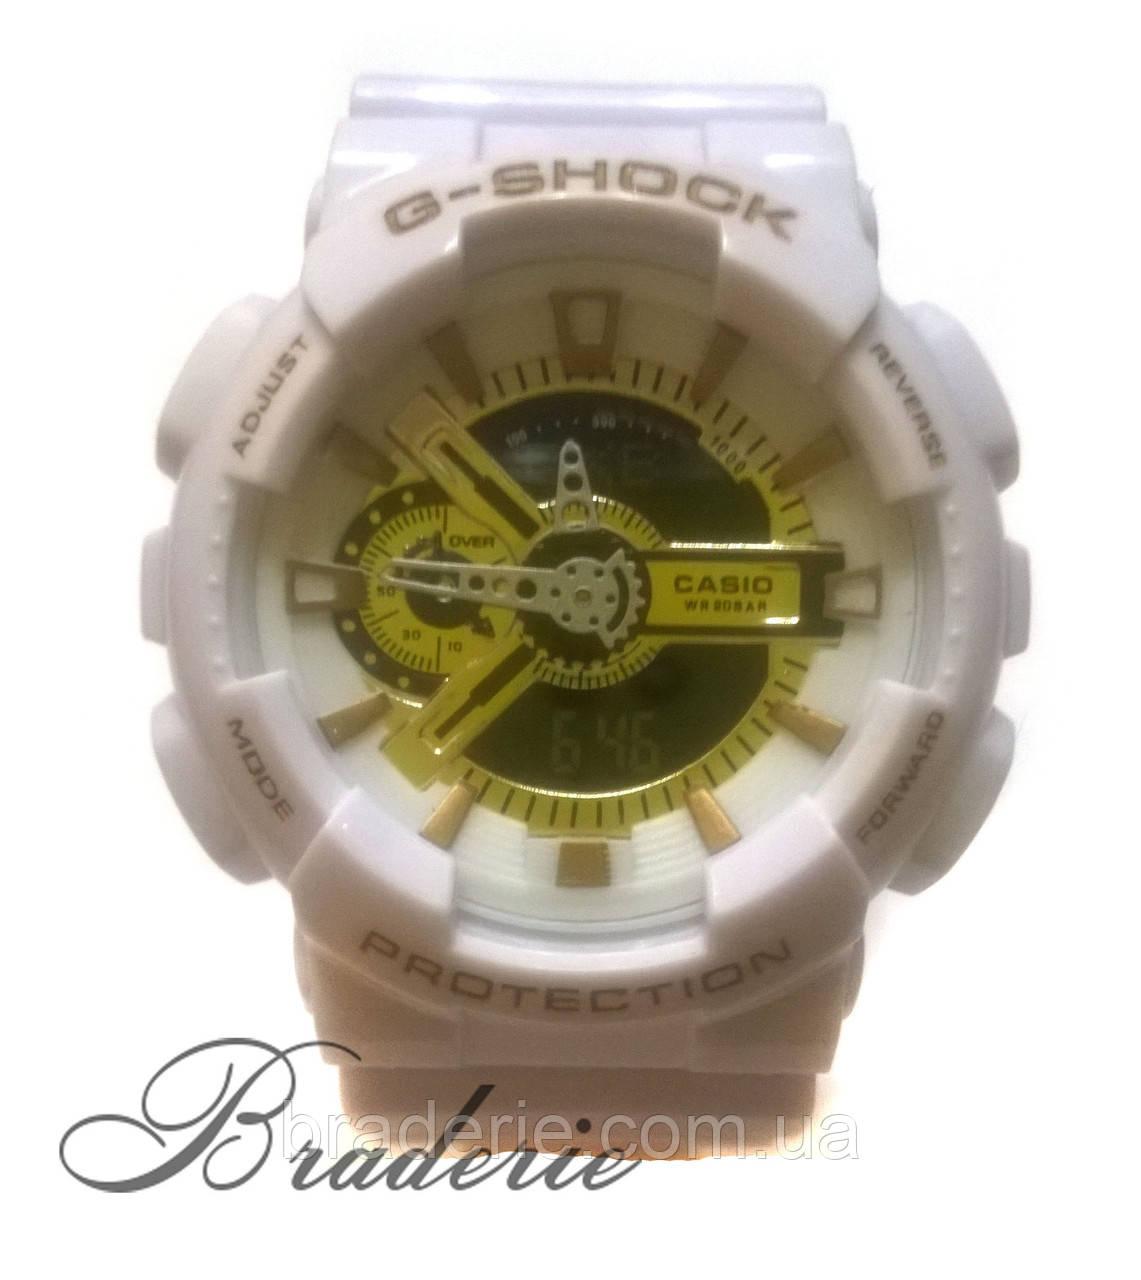 Наручные часы Casio G-Shock 1210